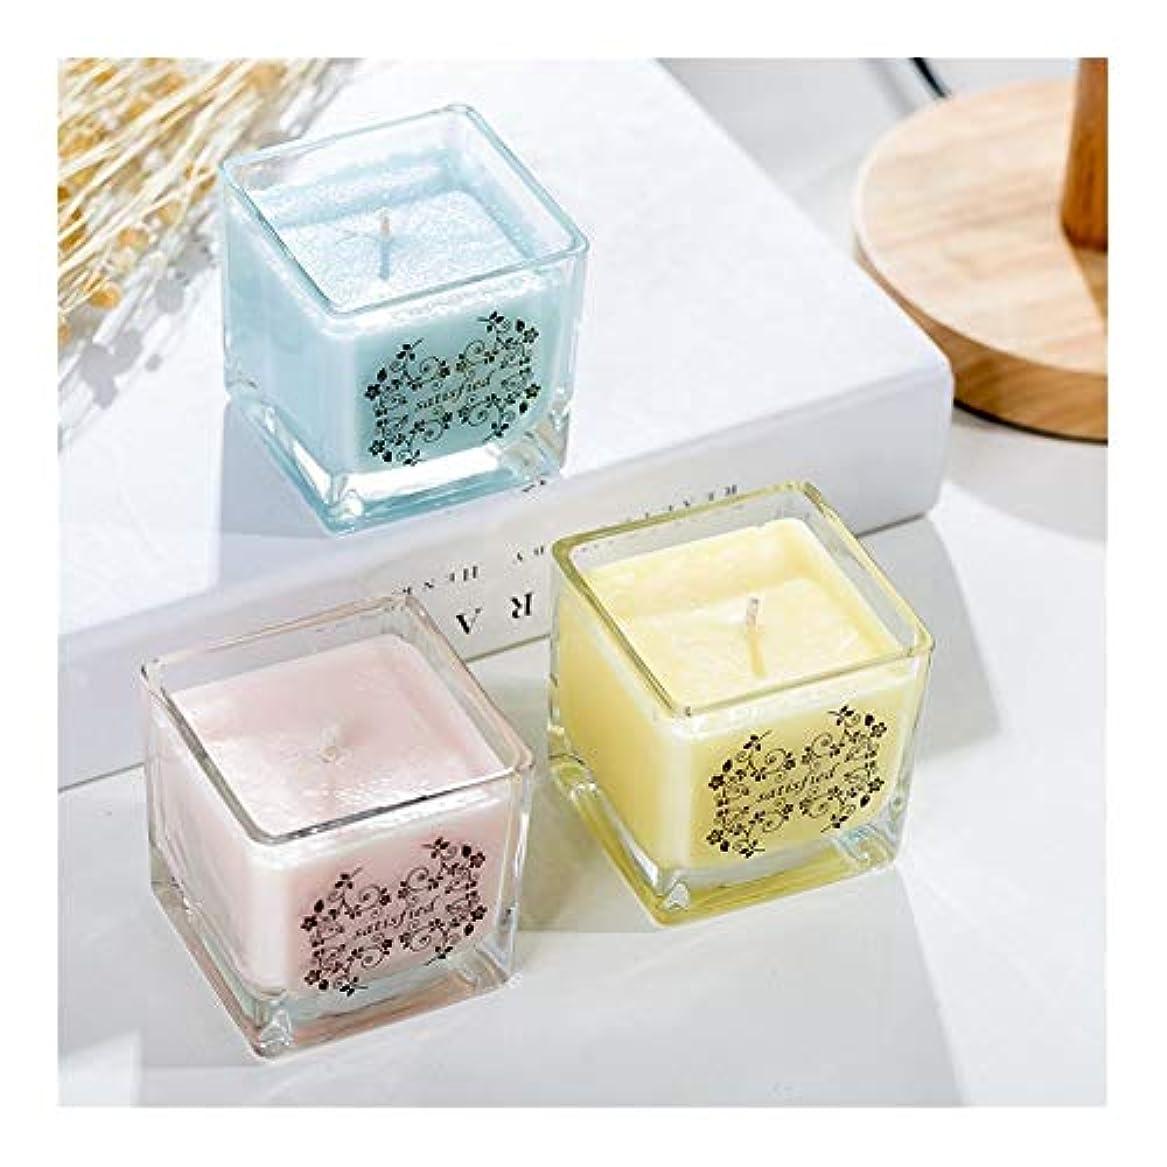 リラックスペグ議題ACAO 正方形の無煙ガラスの大豆の香料入りの蝋燭の屋内新鮮な空気のラベンダーの香り (色 : Lemon)